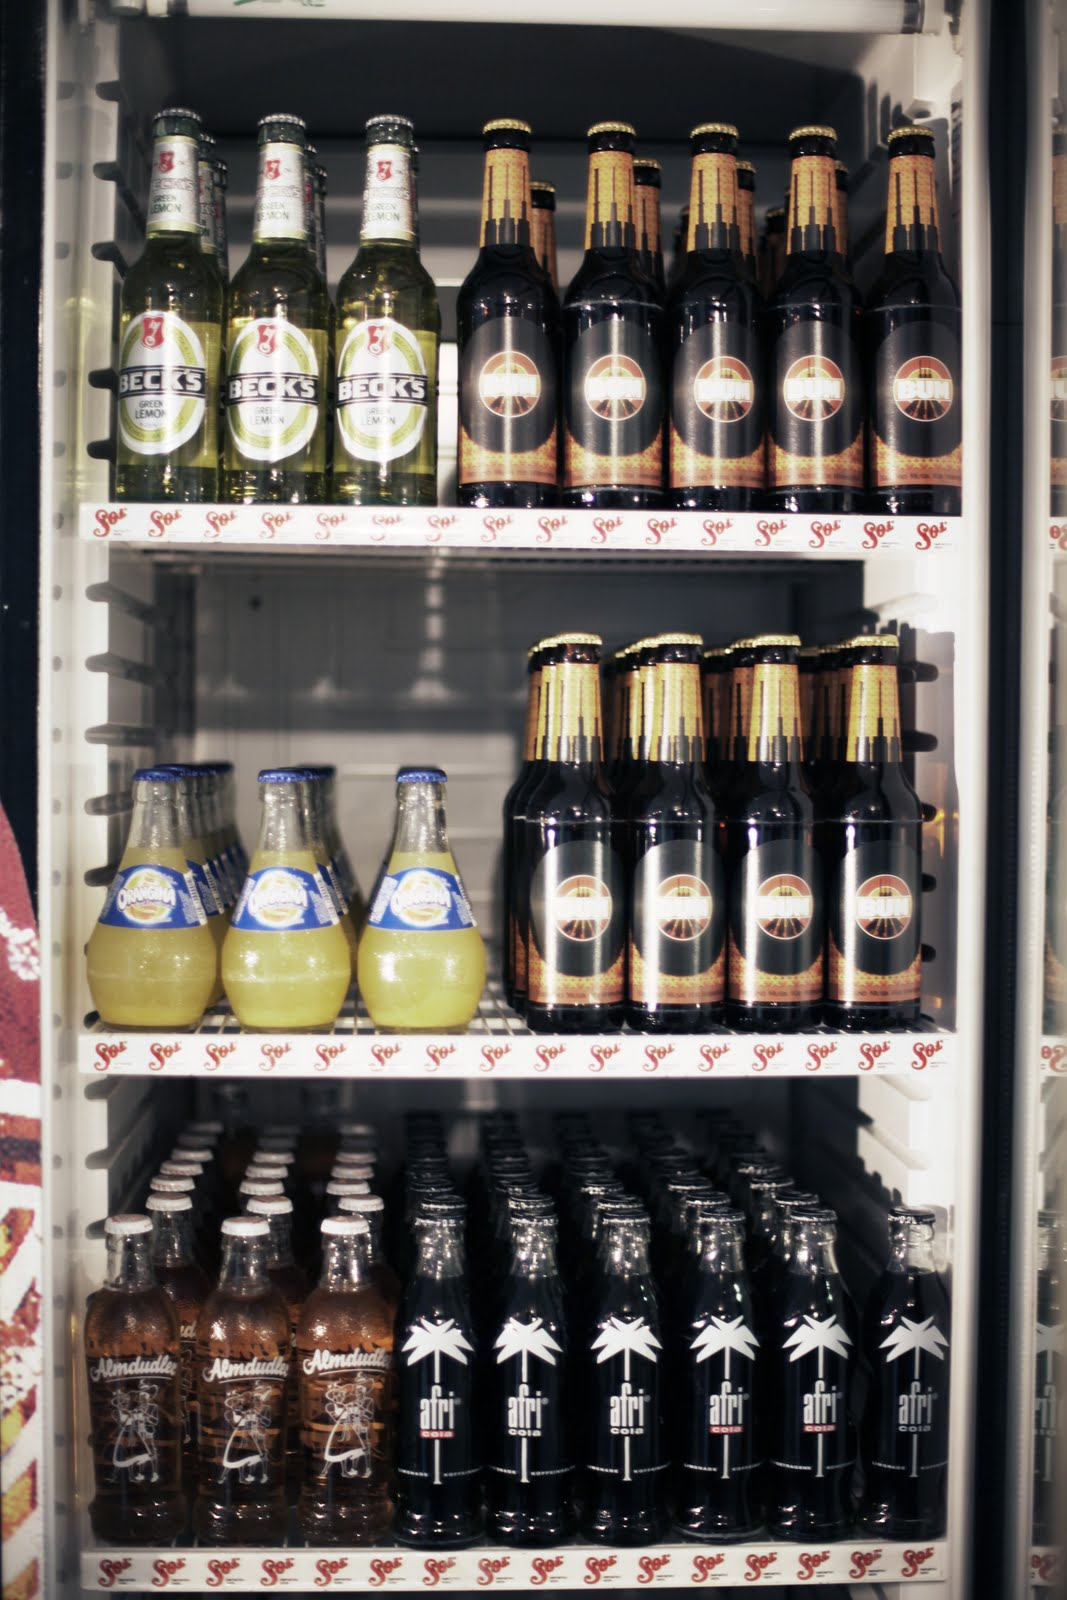 Großzügig Kühlschrank Voll Bier Ideen - Das Beste Architekturbild ...